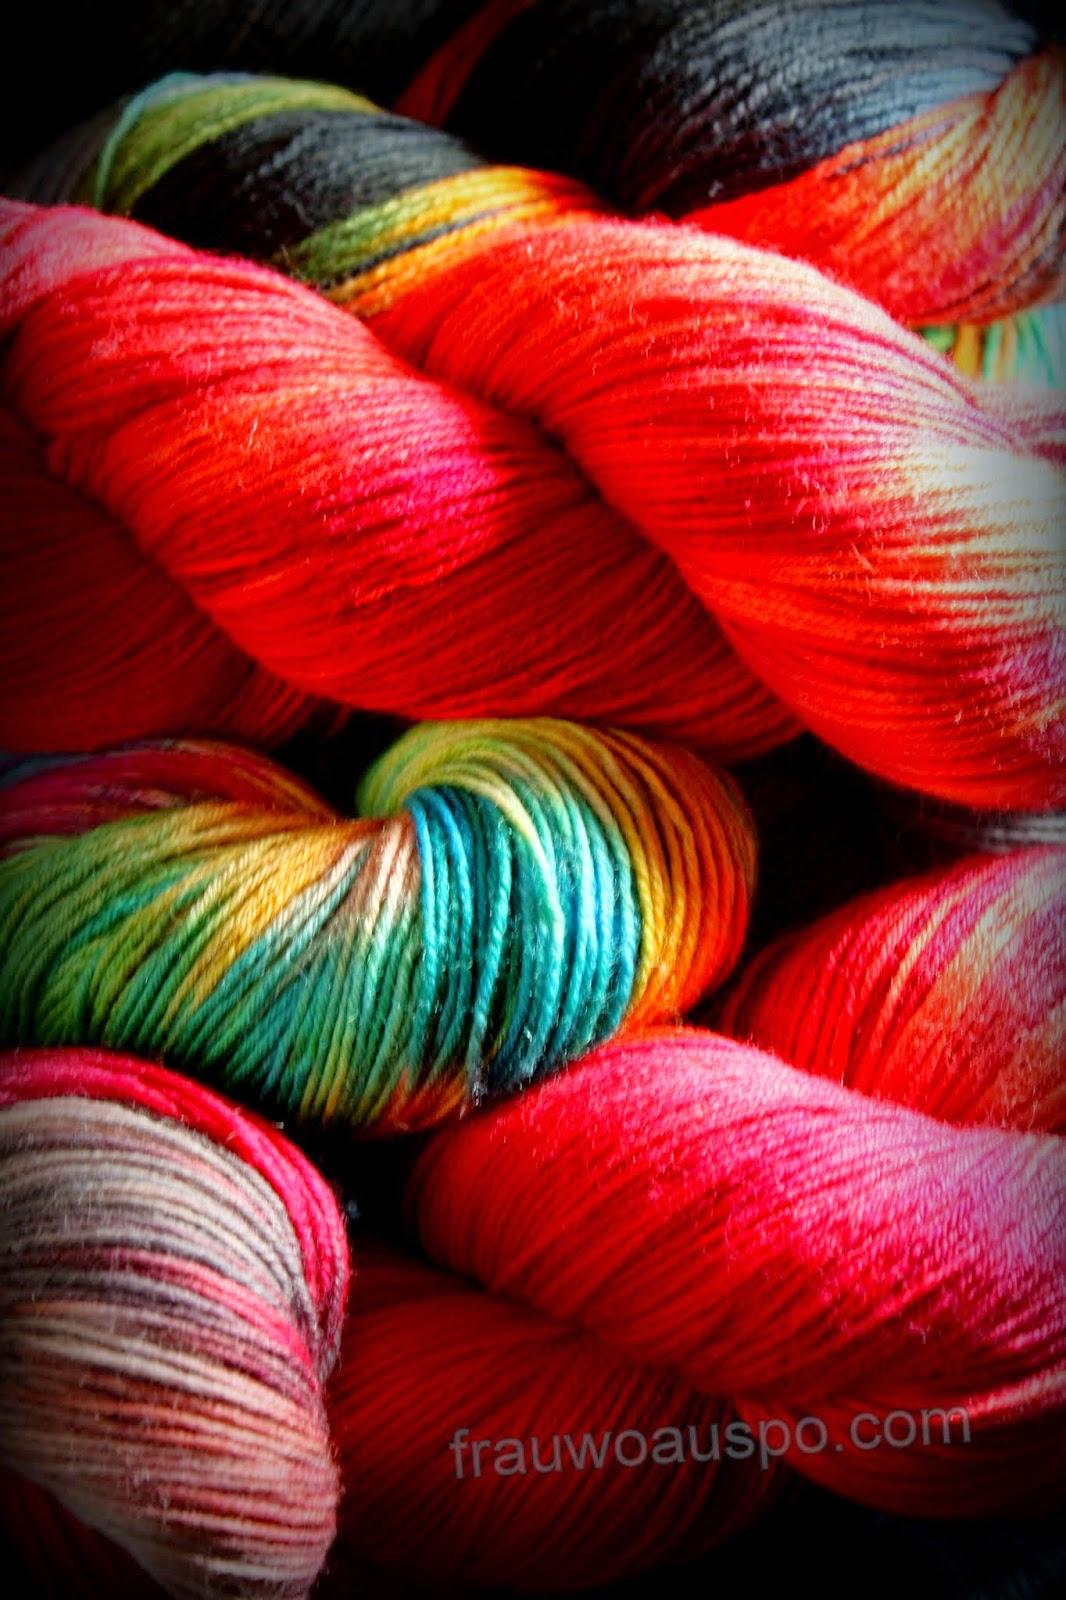 http://derblogshopvonfrauwoauspo.blogspot.de/